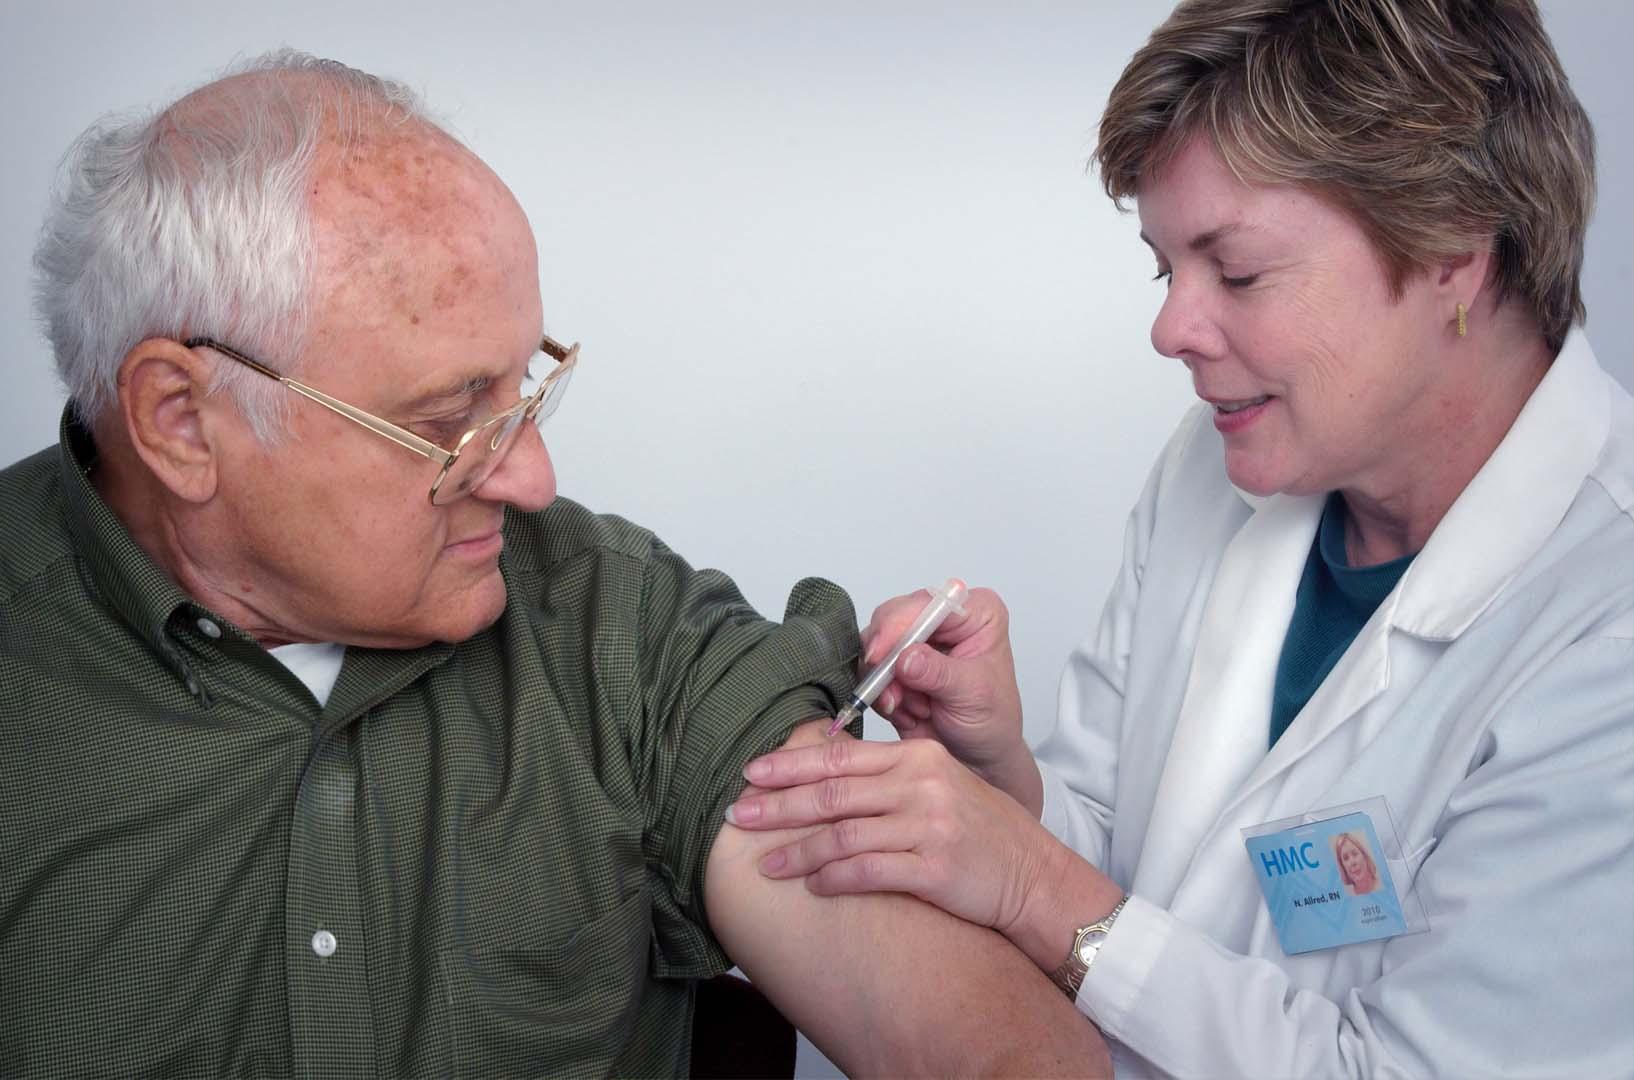 Grip aşısı kaç yaşından itibaren yapılır? Grip aşısı kimlere yapılmaz? Kimlere yapılır?